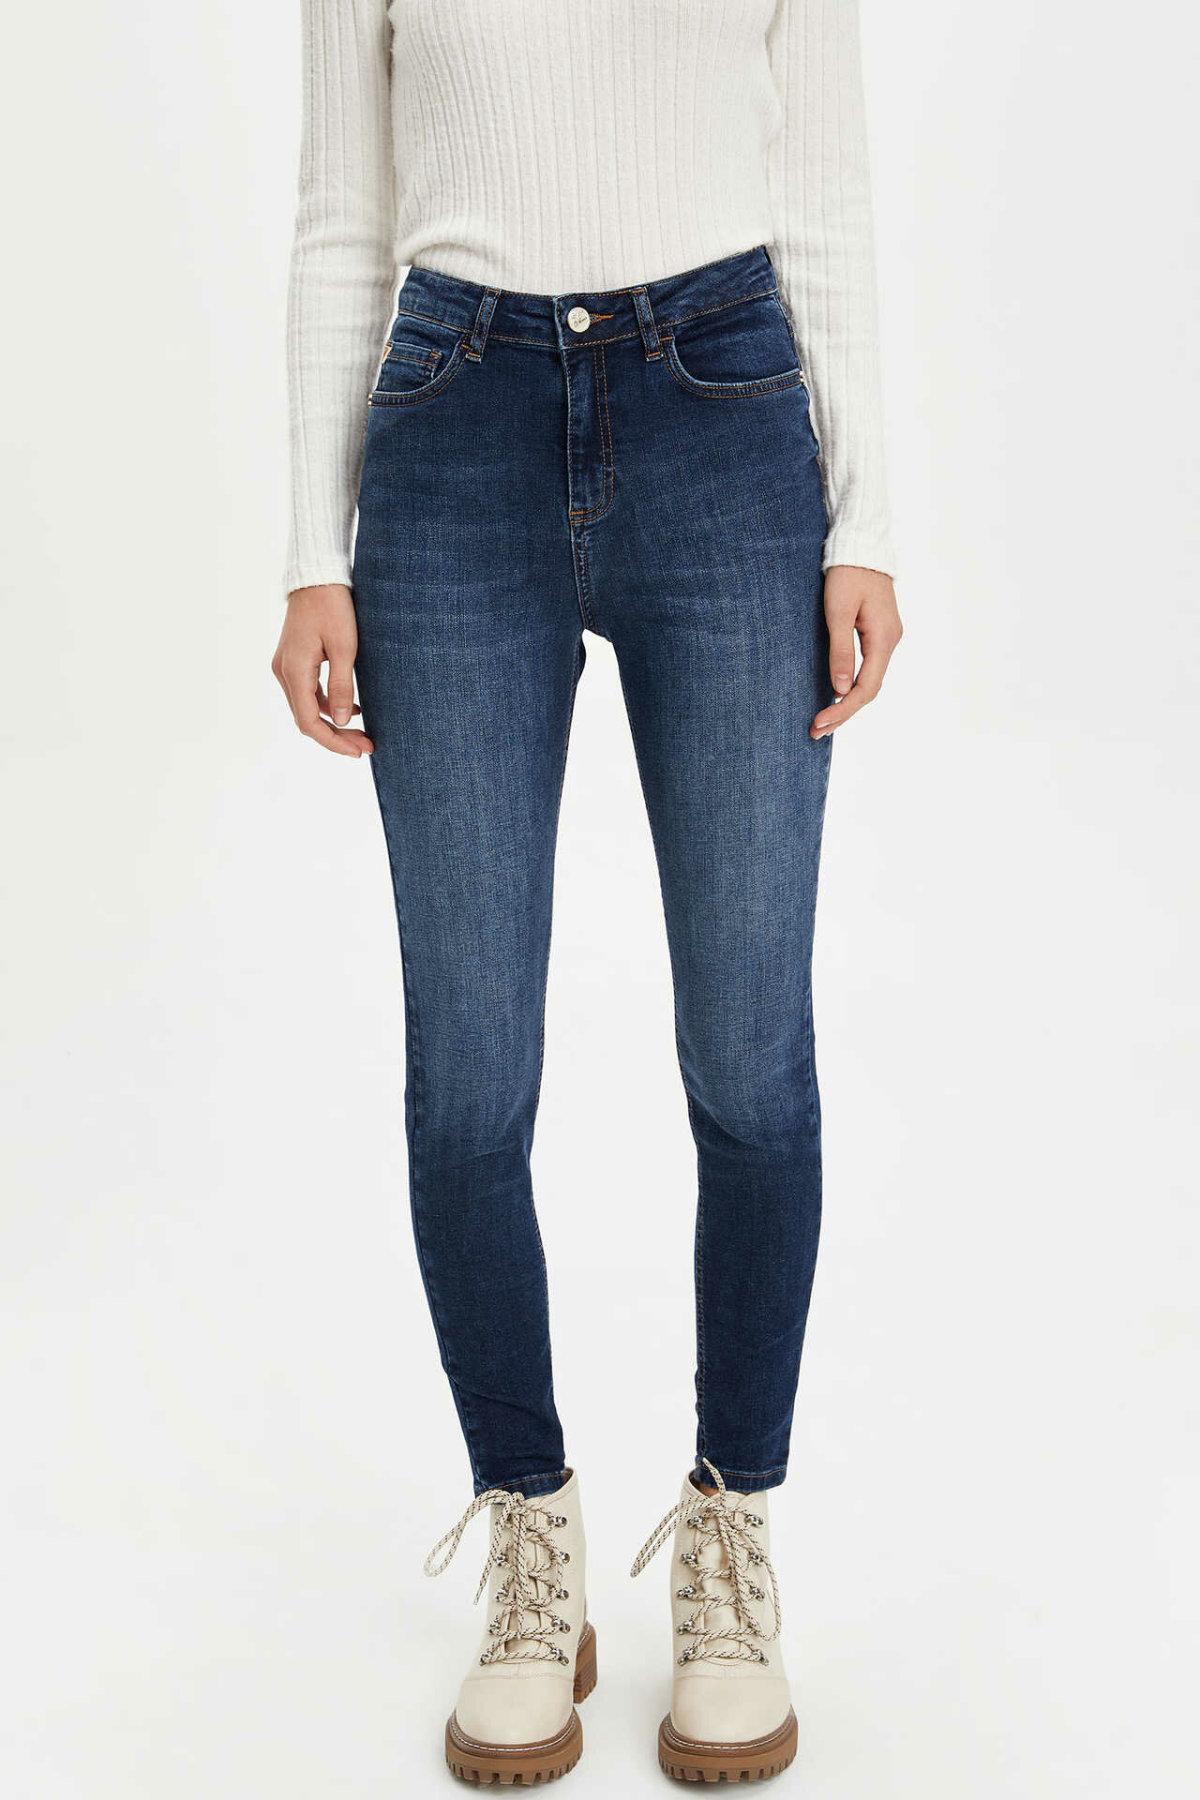 DeFacto Woman Autumn Washed Skinny Denim Jeans Women Casual Fit Slim Denim Pants Female Blue Denim Trousers-L7112AZ19AU